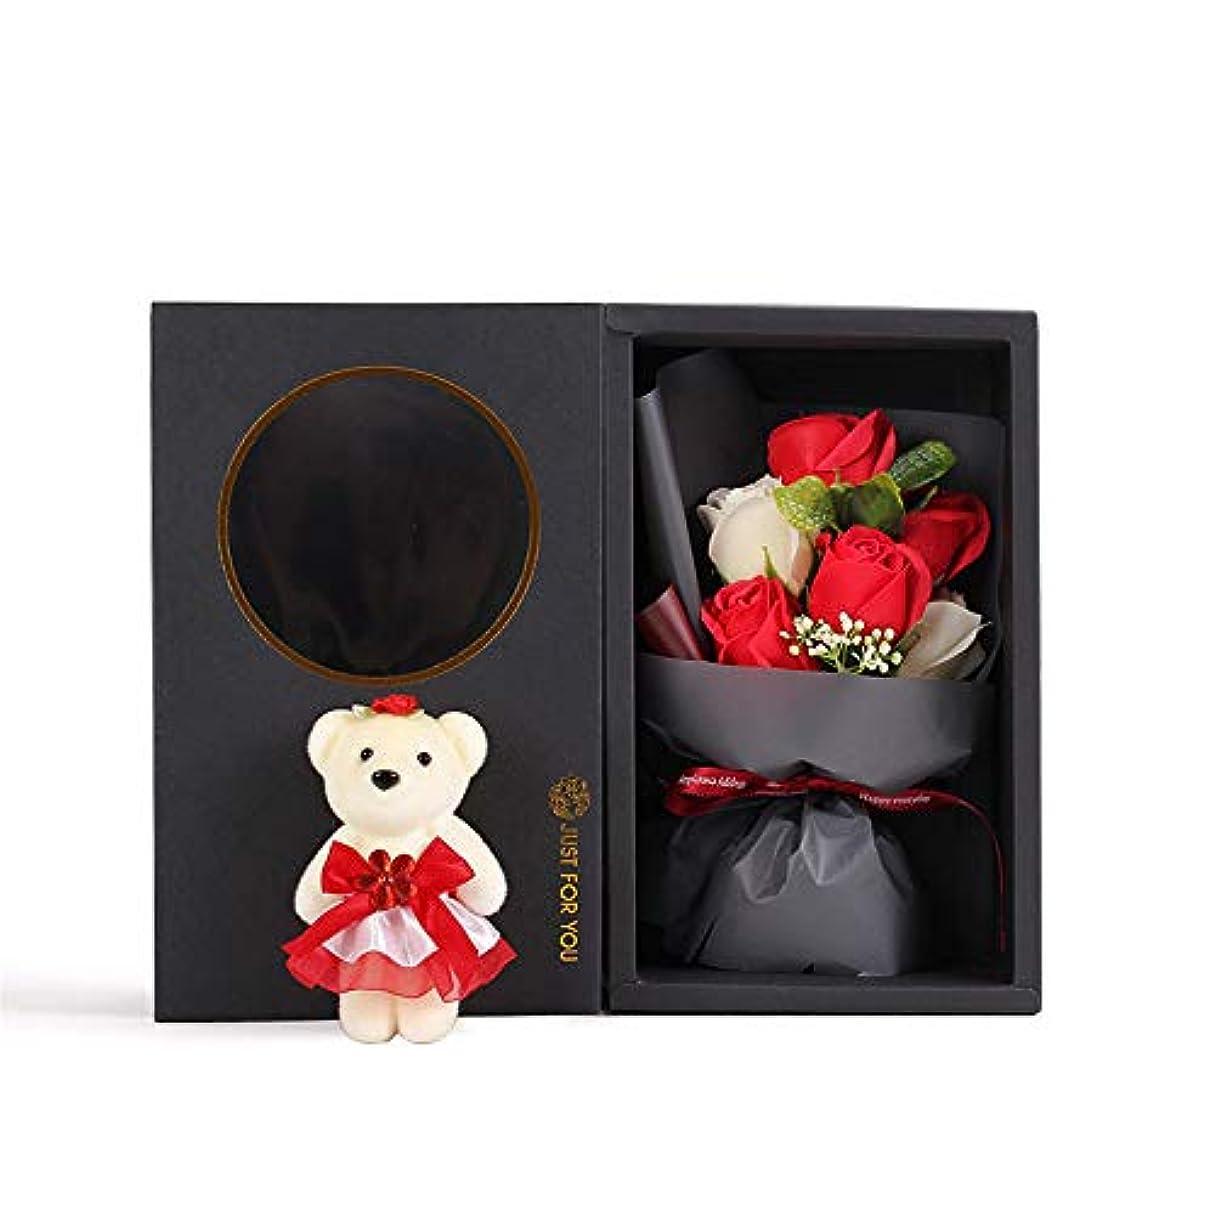 製油所酸化する接続手作り6石鹸花の花束ギフトボックス、女性のためのギフトあなたがバレンタインデー、母の日、結婚式、クリスマス、誕生日を愛した女の子(ベアカラーランダム) (色 : 赤)